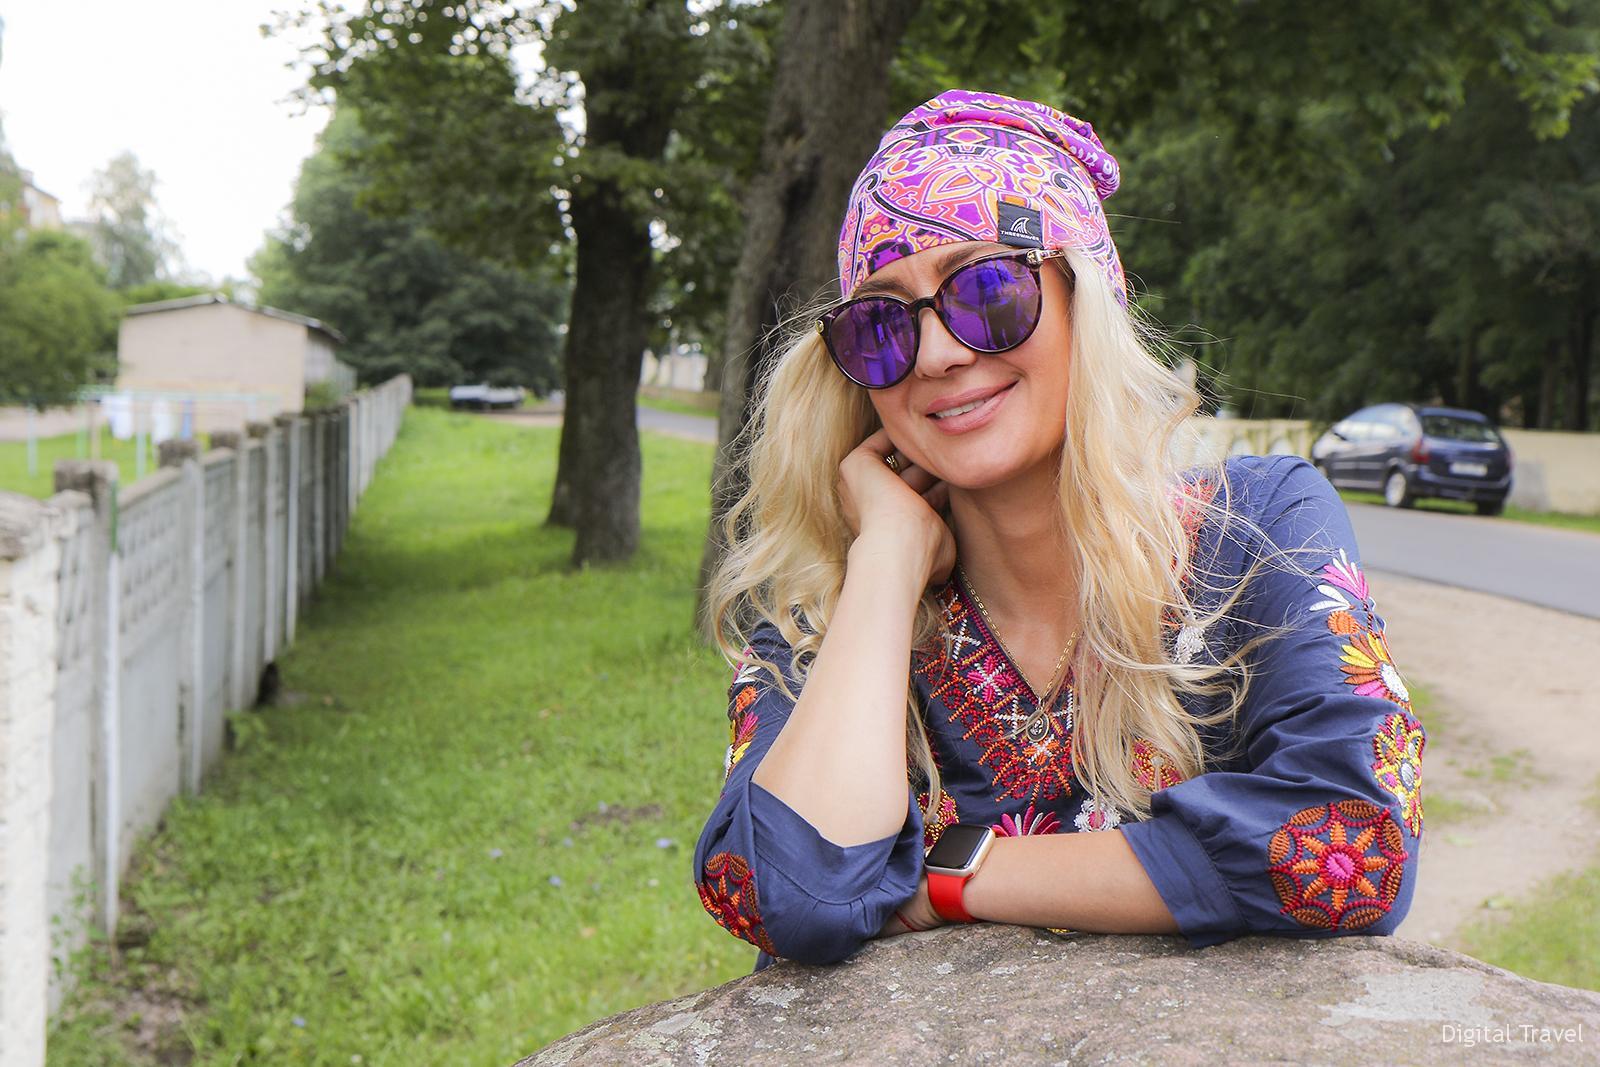 Ксения Гулякевич, компания Paradise Travel